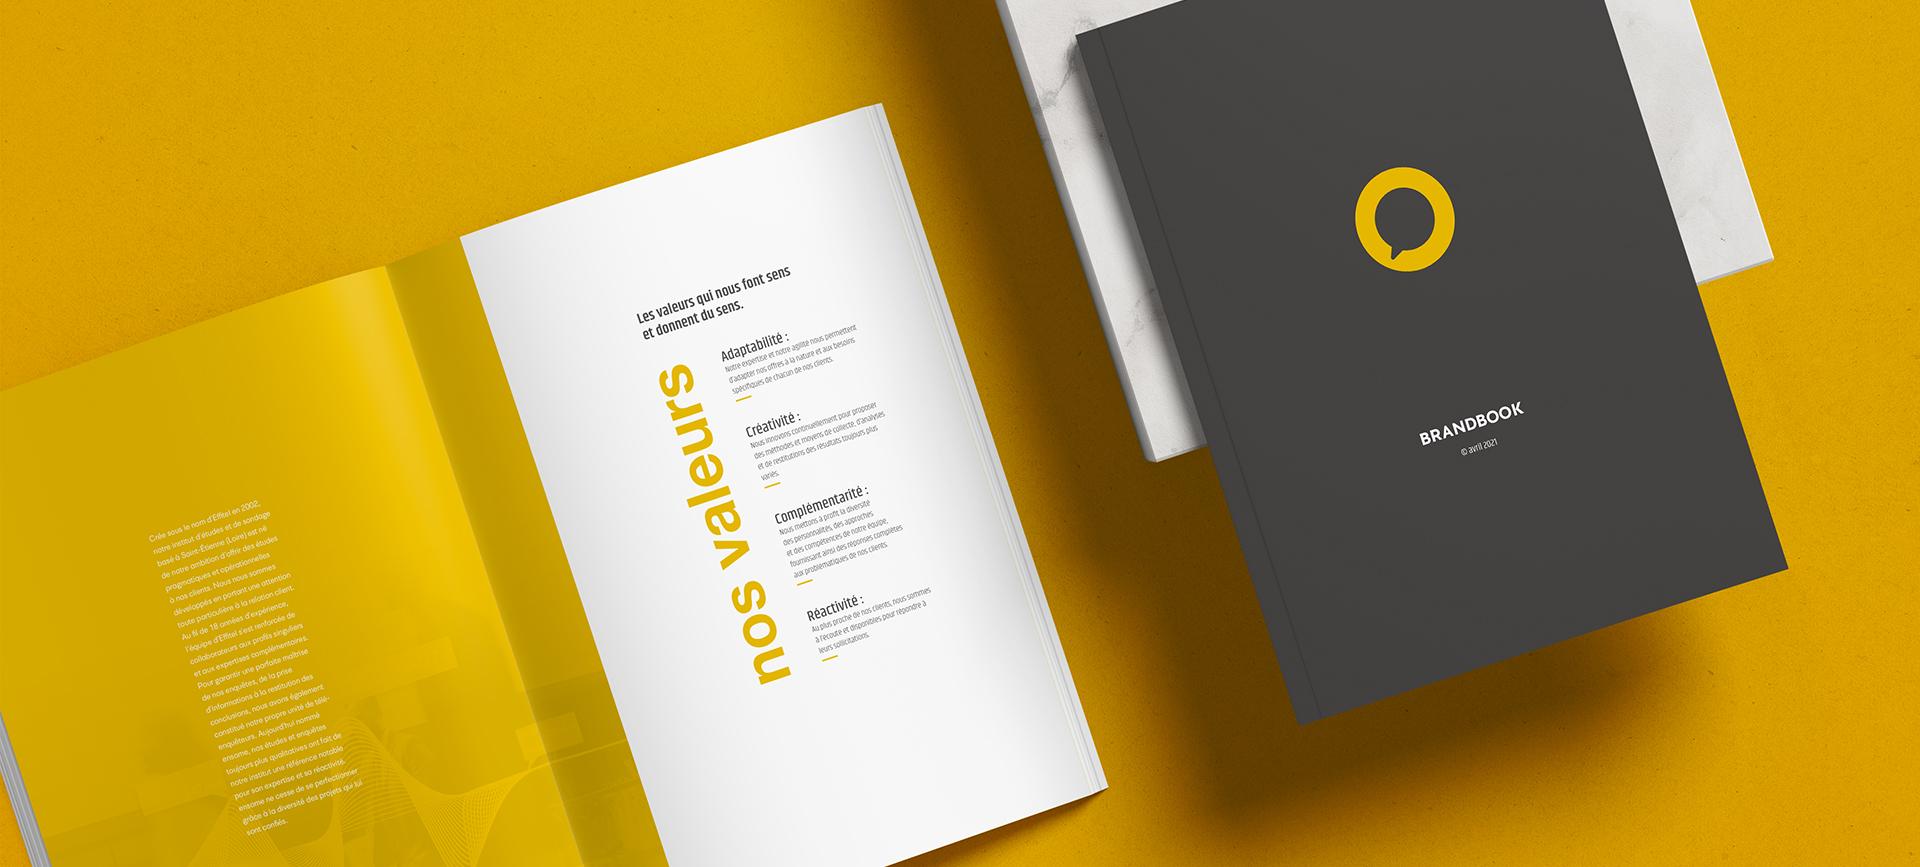 Brandbook pour la création d'une nouvelle marque